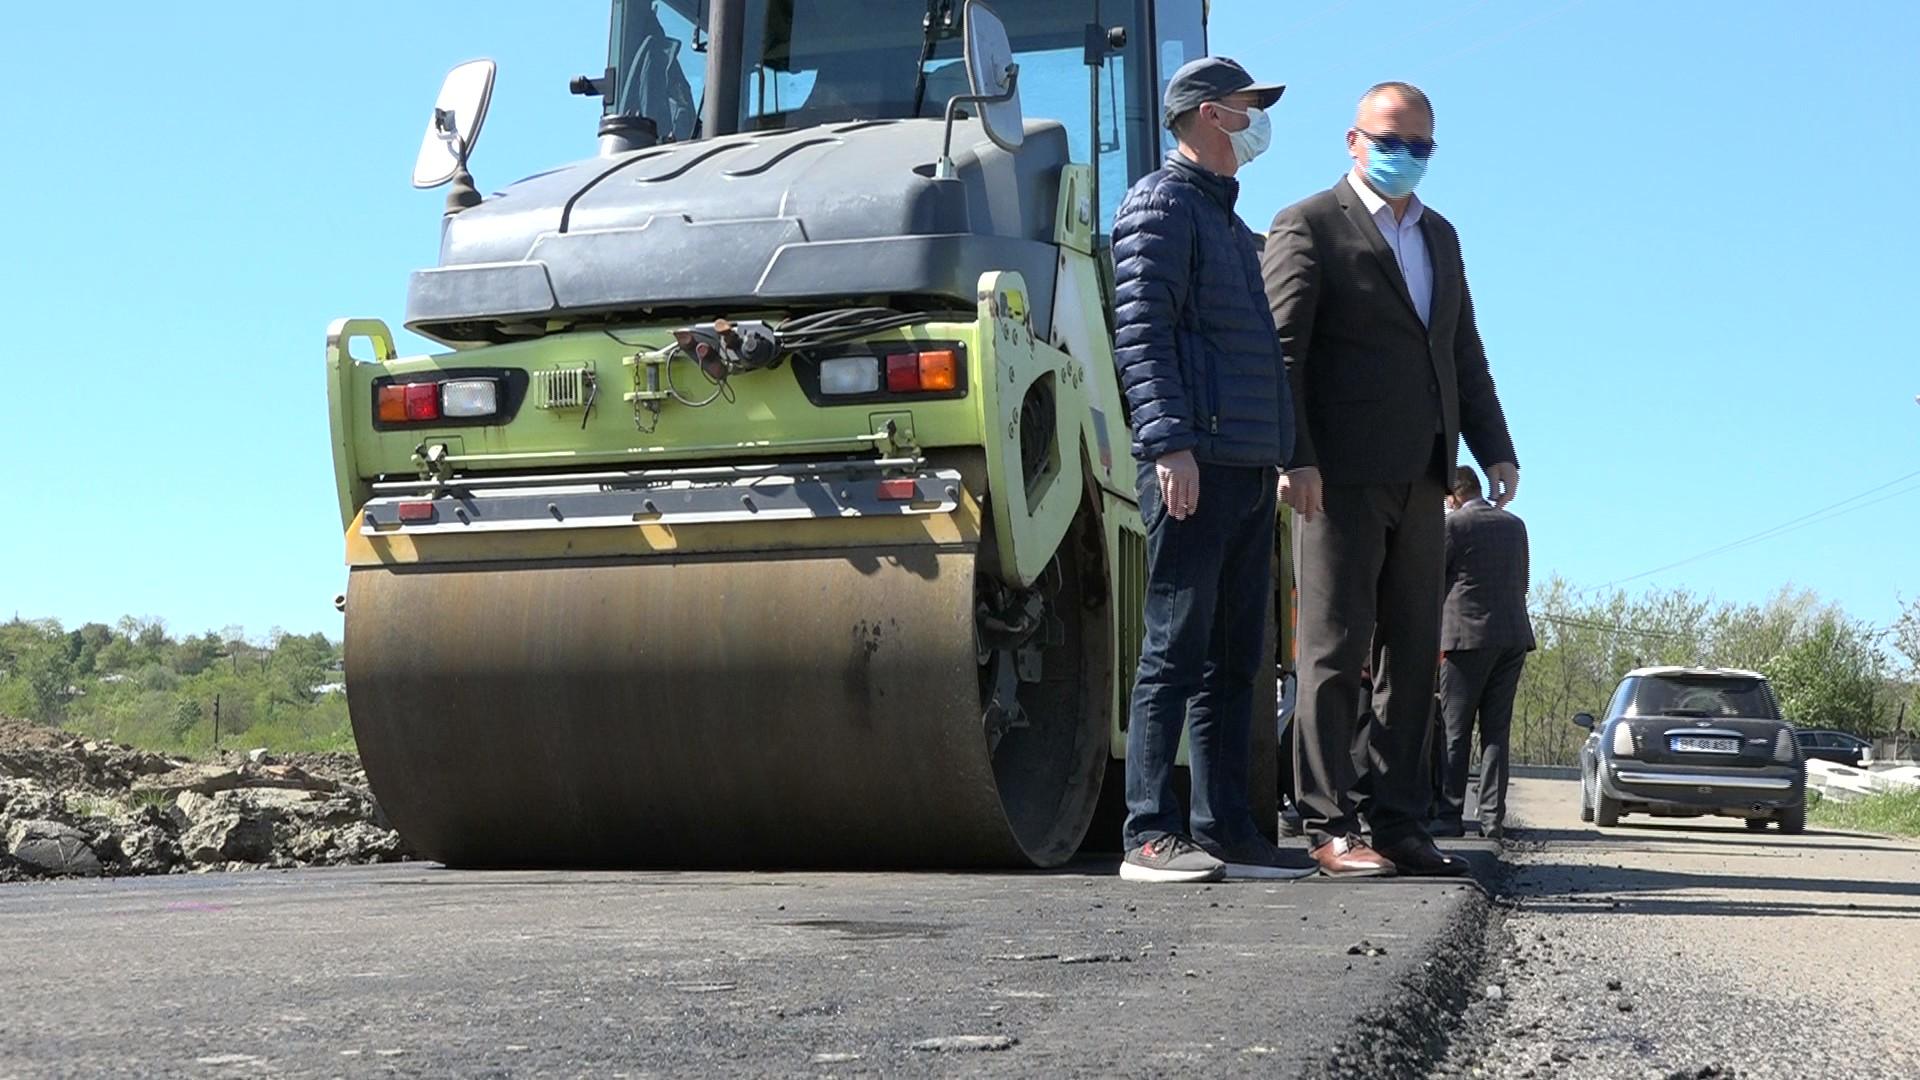 FOTO/VIDEO   BROSCAUTI: Covor asfaltic turnat în prezența vicepreședintelui CJ , Dorin Birta